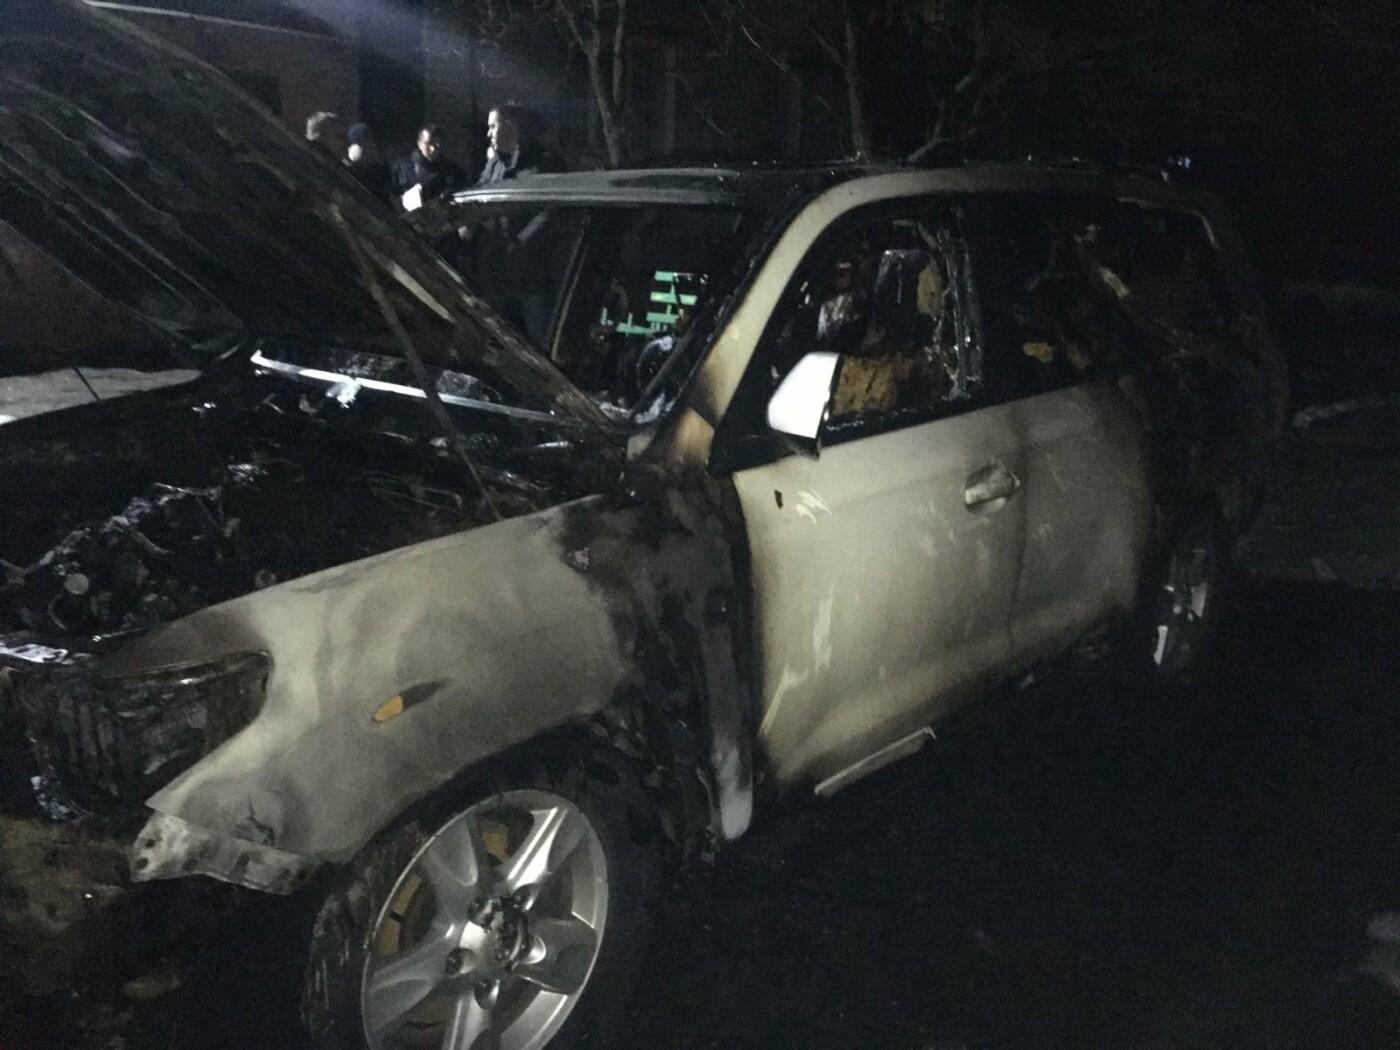 В Харькове загорелся внедорожник, припаркованный во дворе «многоэтажки», - ВИДЕО, ФОТО, фото-1